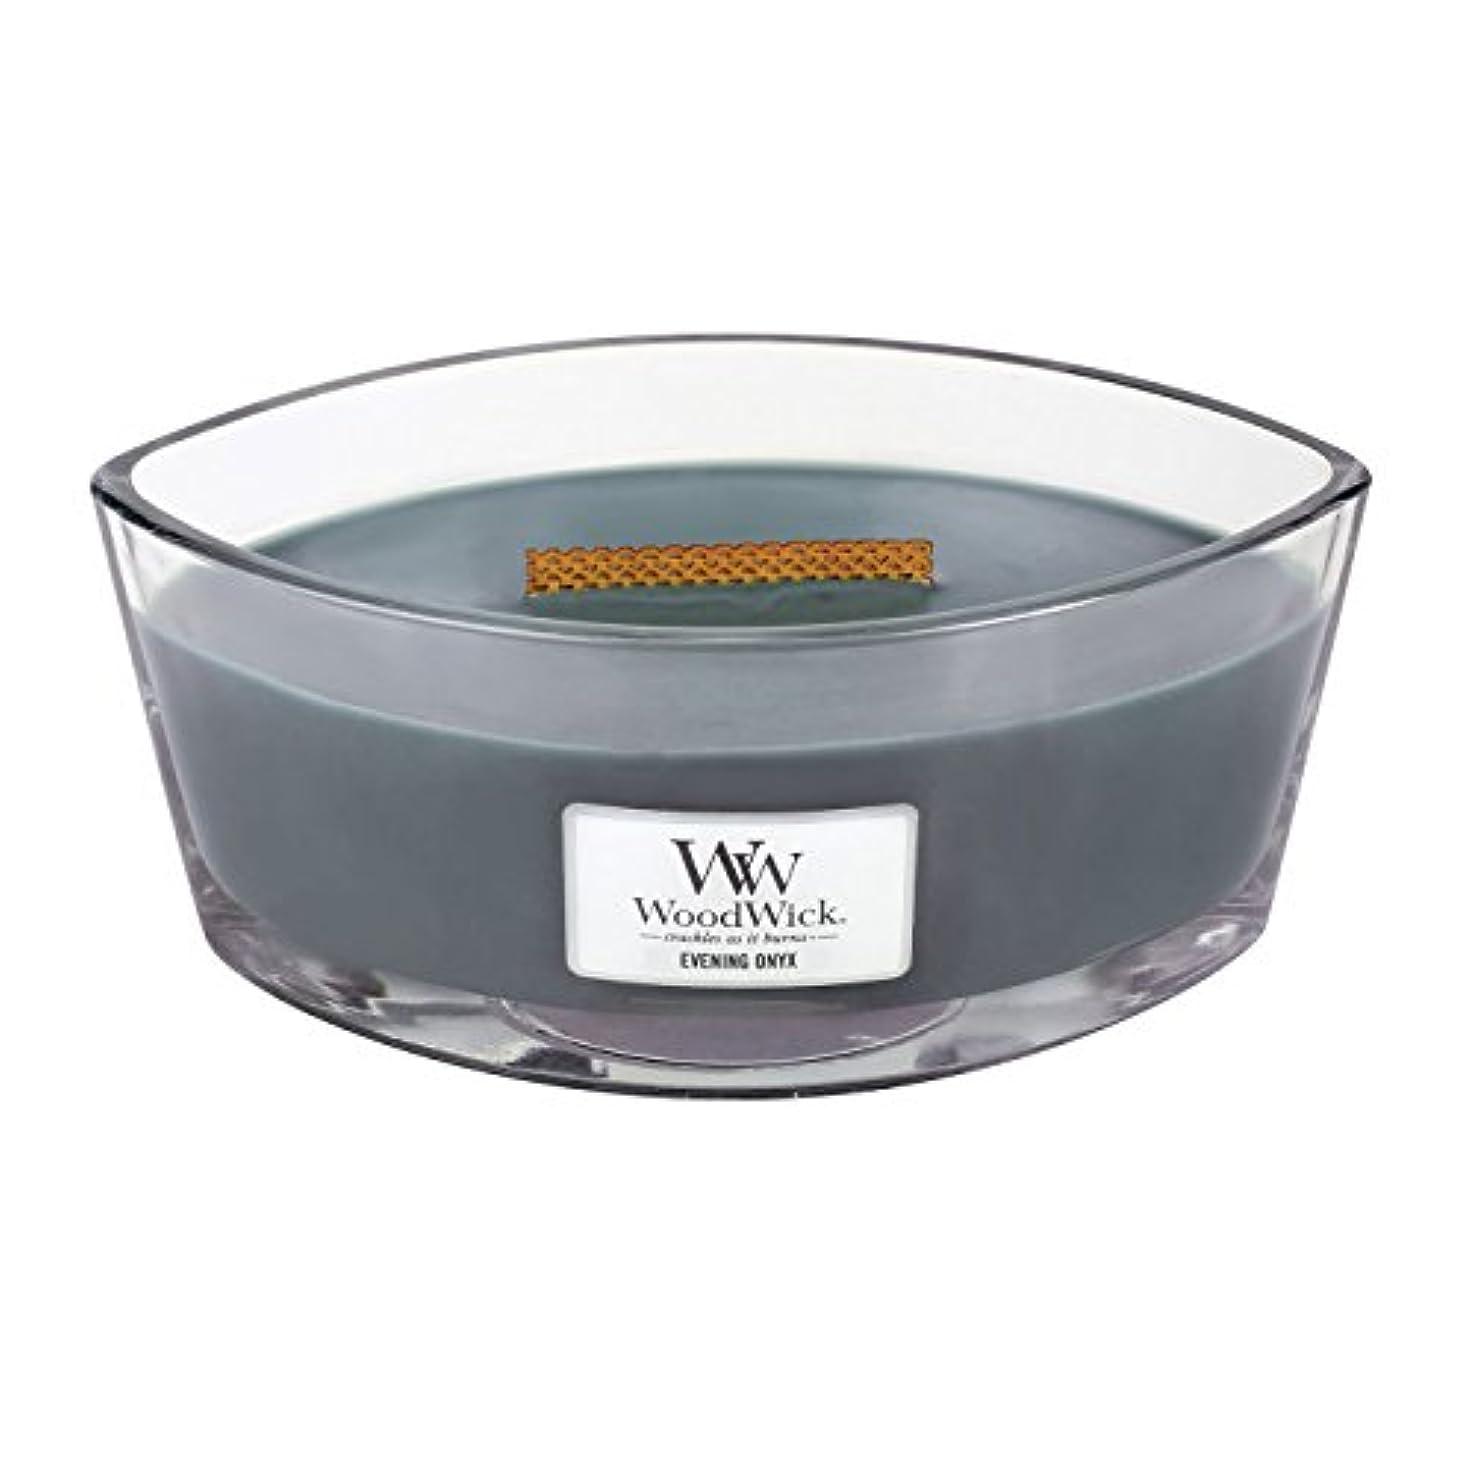 おもしろい控えるエトナ山WoodWick EVENING ONYX, Highly Scented Candle, Ellipse Glass Jar with Original HearthWick Flame, Large 18cm, 470ml